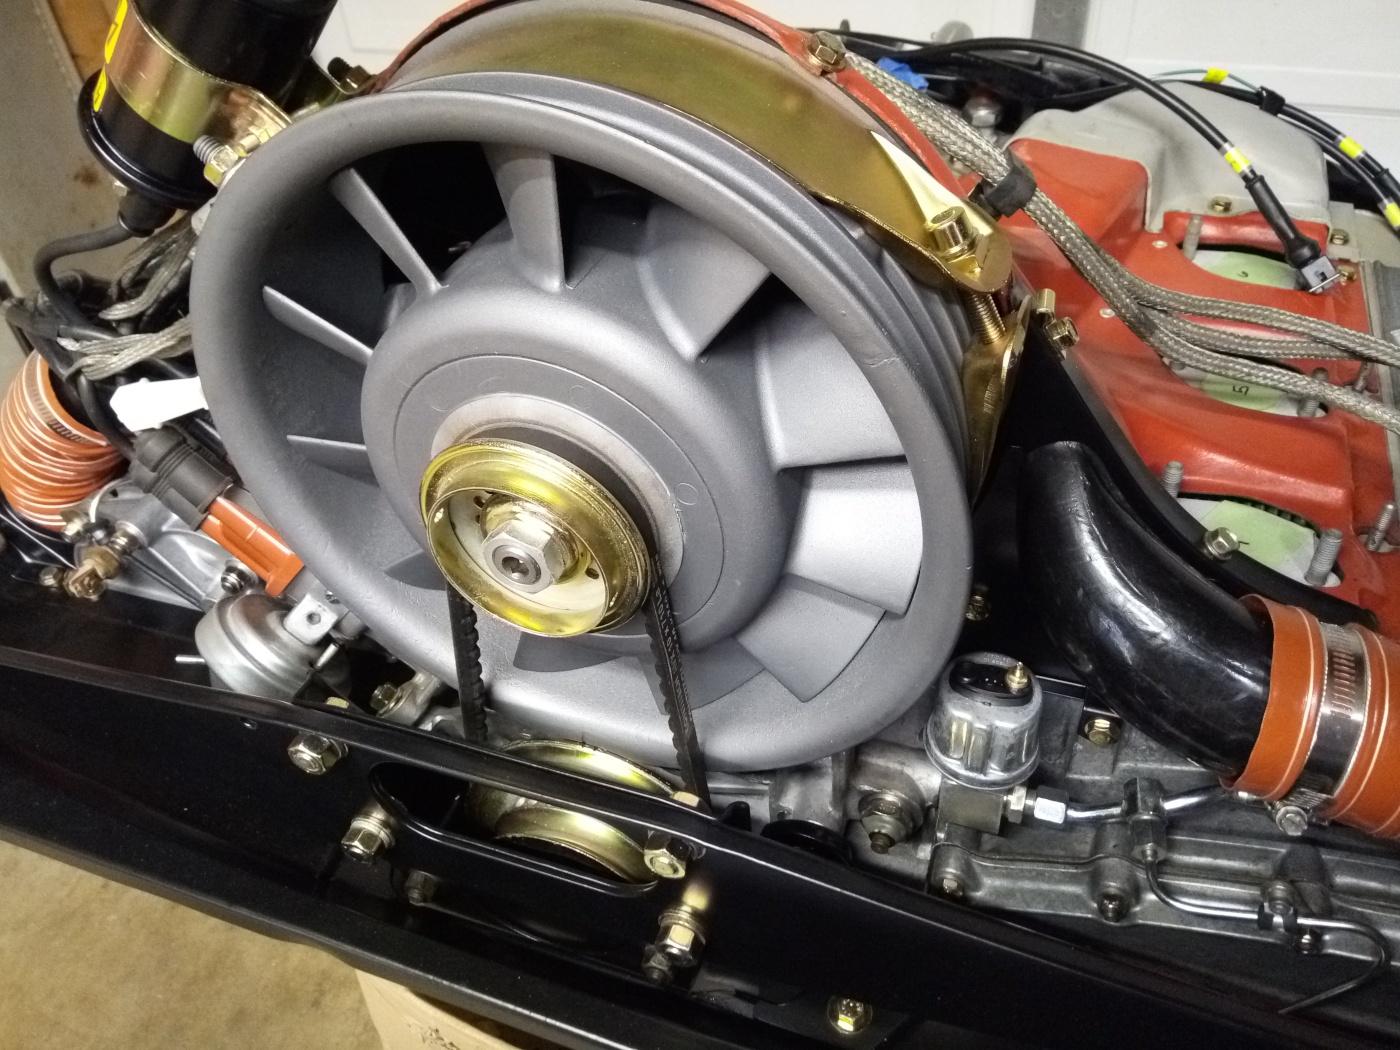 Air-cooled Porsche 911 fan belt assembly